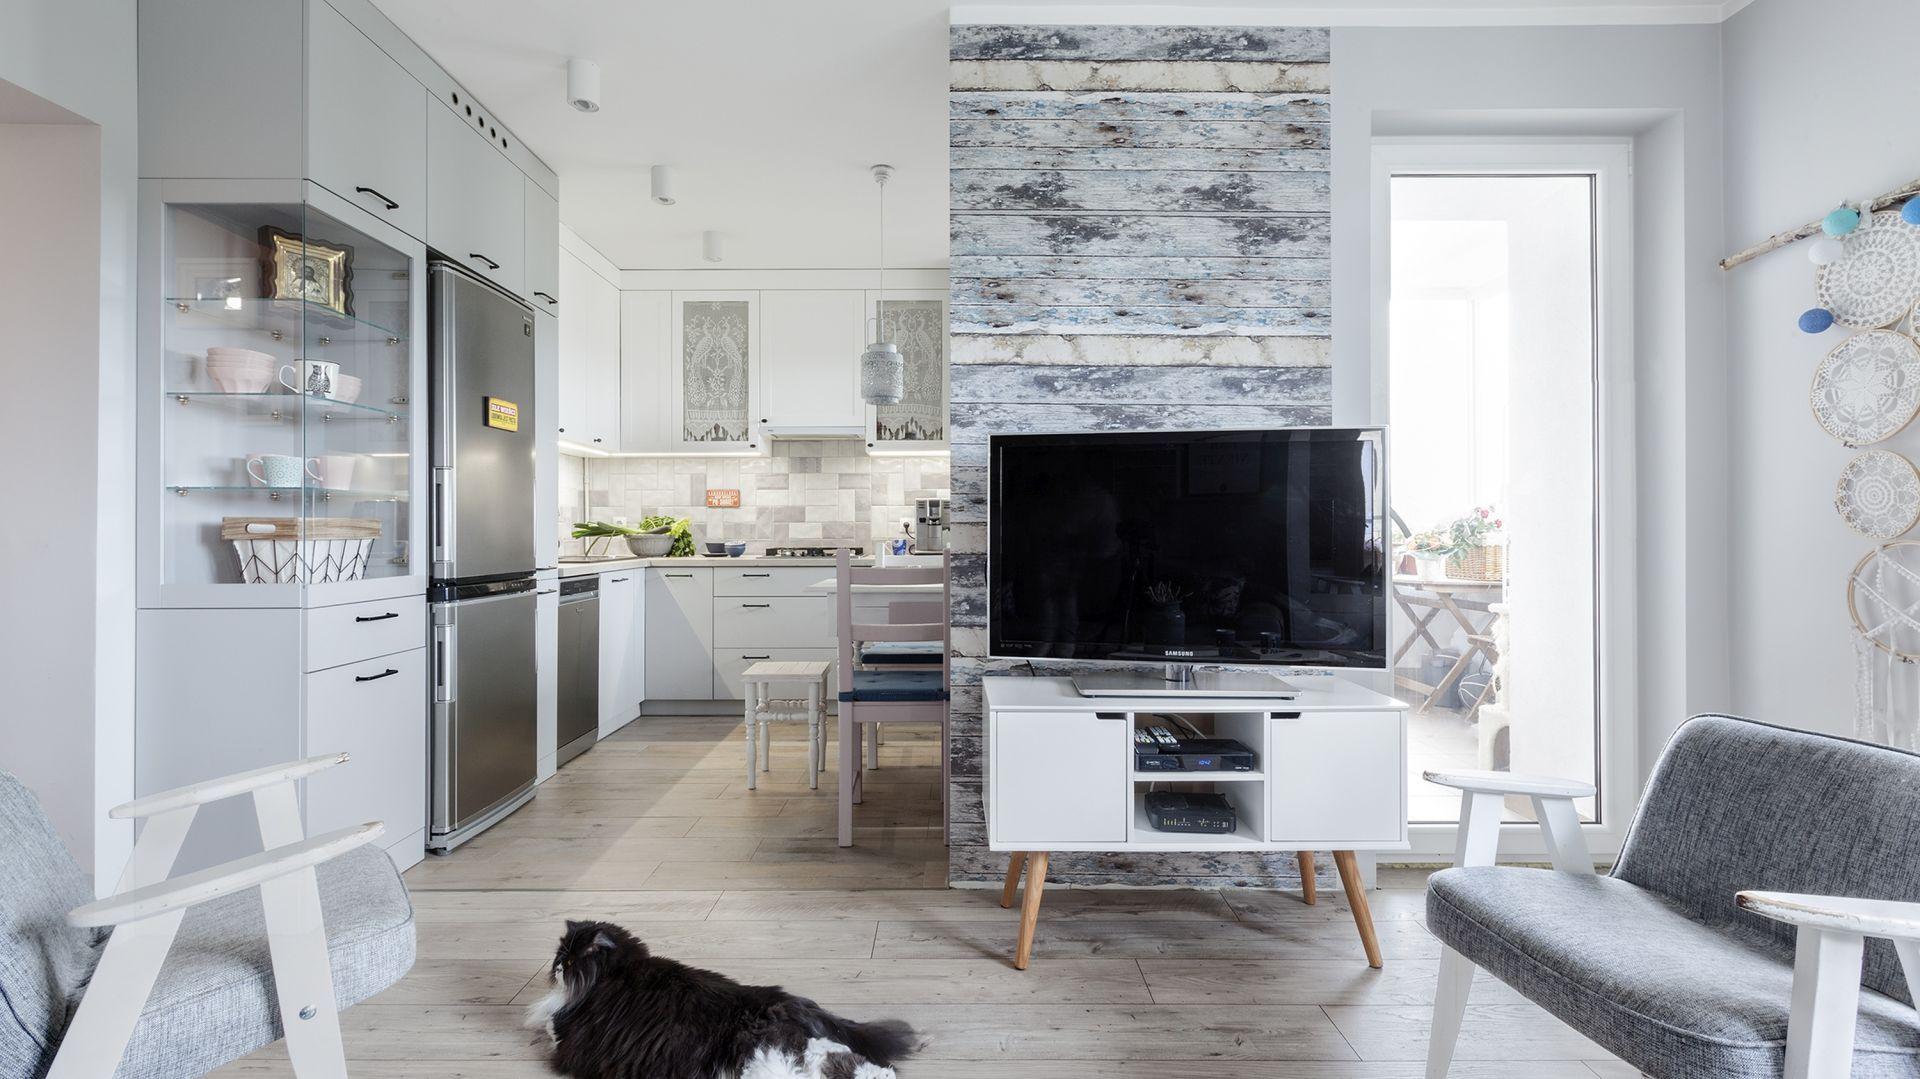 Biała szafka na drewnianych nogach świetnie pasuje do nowoczesnego salonu. Zapewnia miejsce na przechowywanie oraz na ustawienie zdjęcia czy rodzinnych pamiątek. Projekt Justyna Mojżyk. Fot. Monika Filipiuk-Obałek